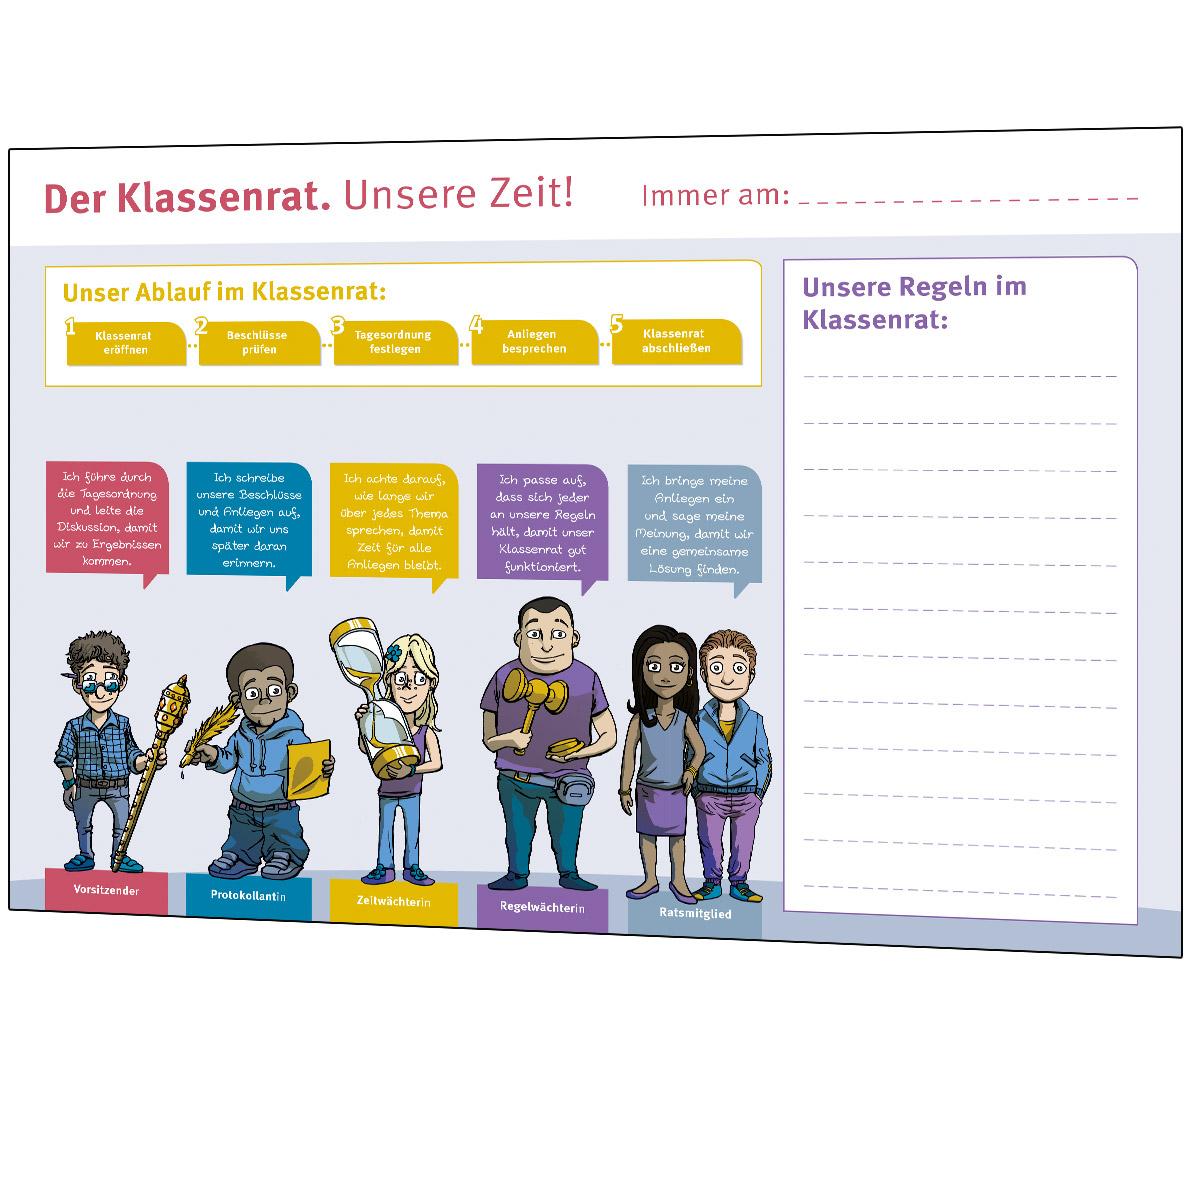 Mitmach-Set zum Klassenrat: Das Klassenraum-Plakat visualisiert den Ablauf, die Rollen und die Regeln